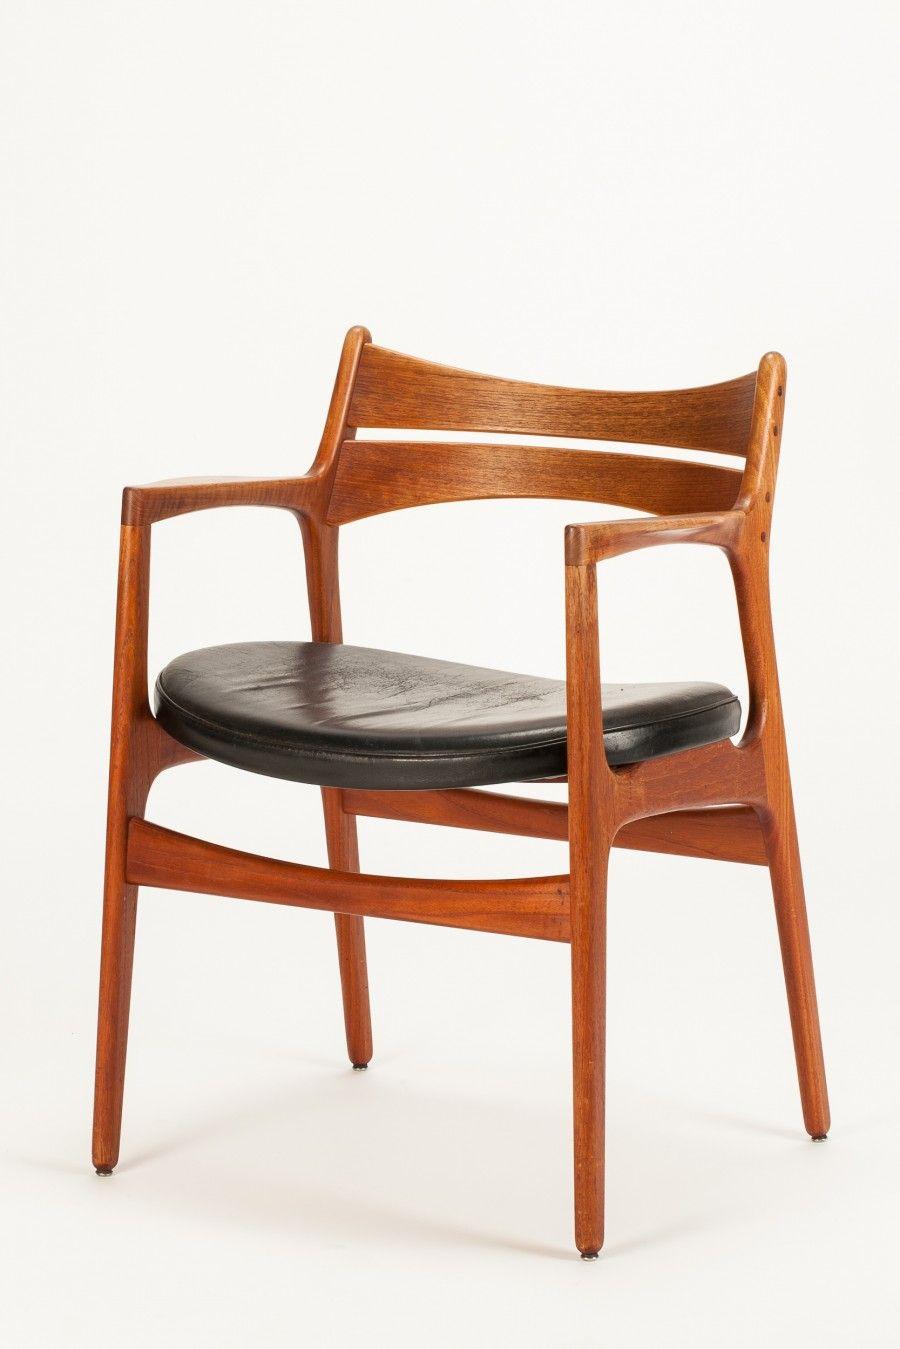 Erik buck 310 teak and leather armchair for christian for Klassische skandinavische mobel